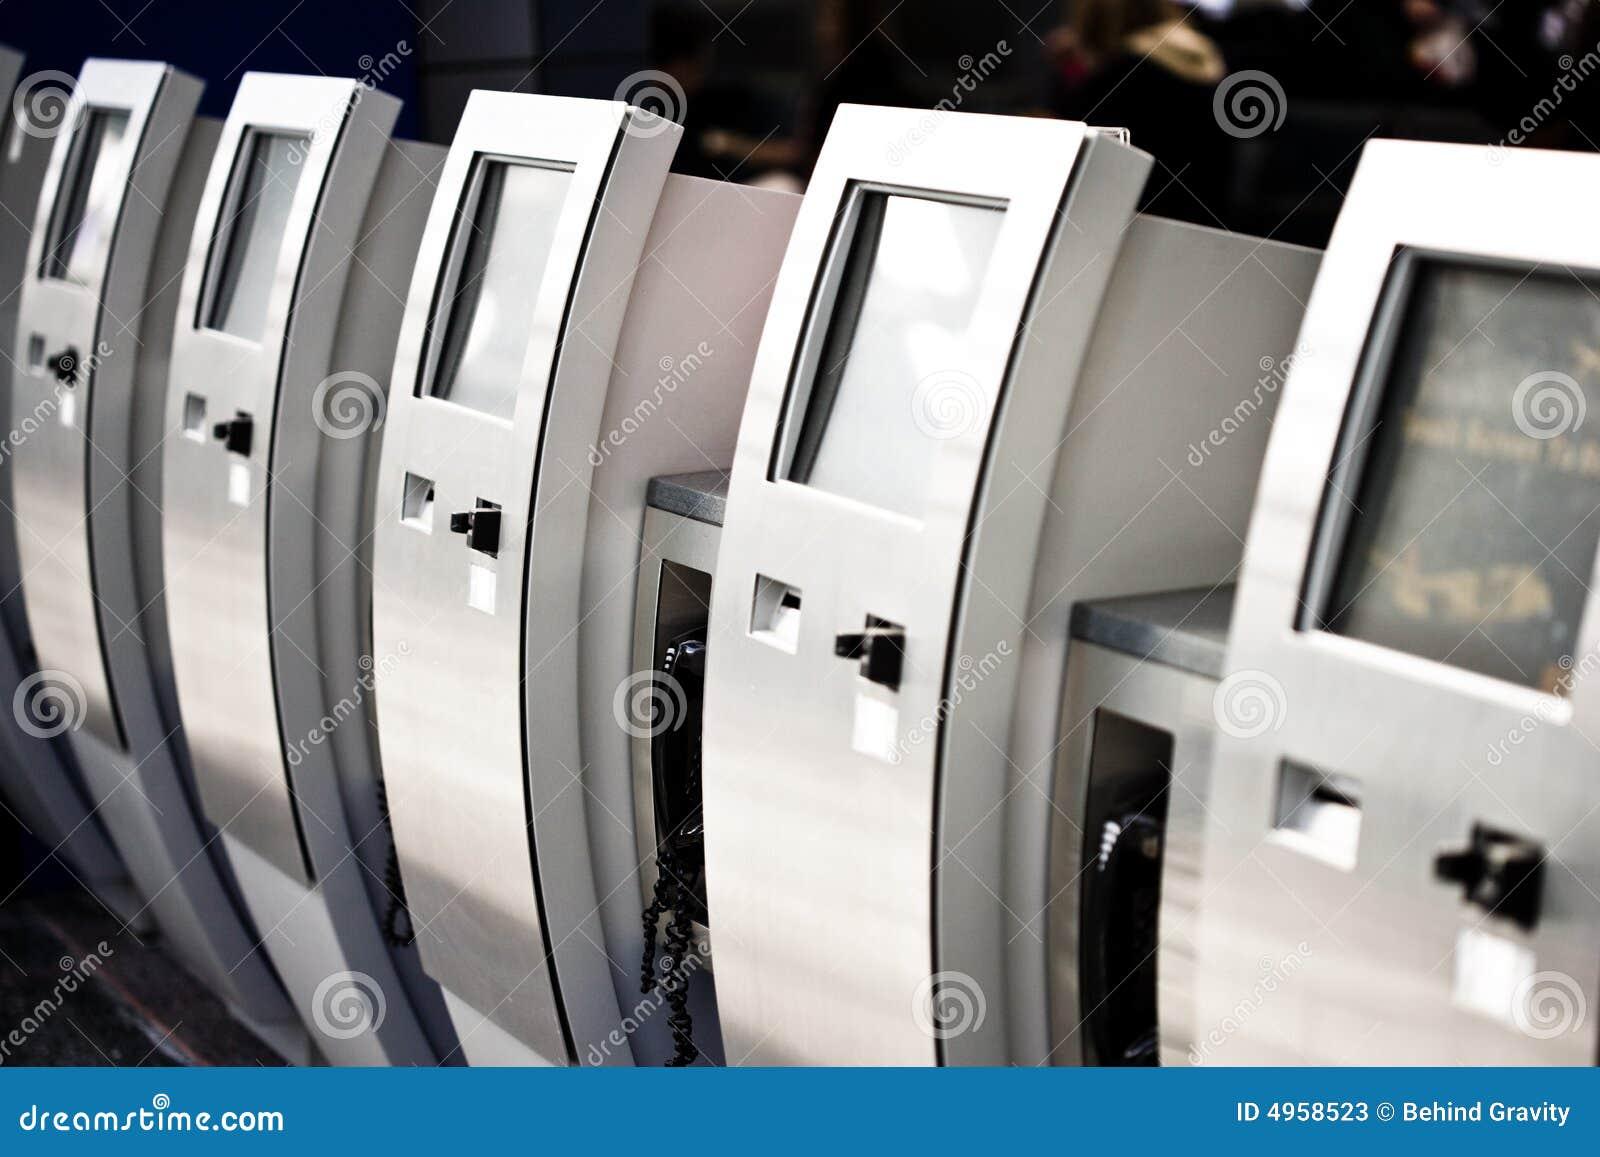 分配器电子票